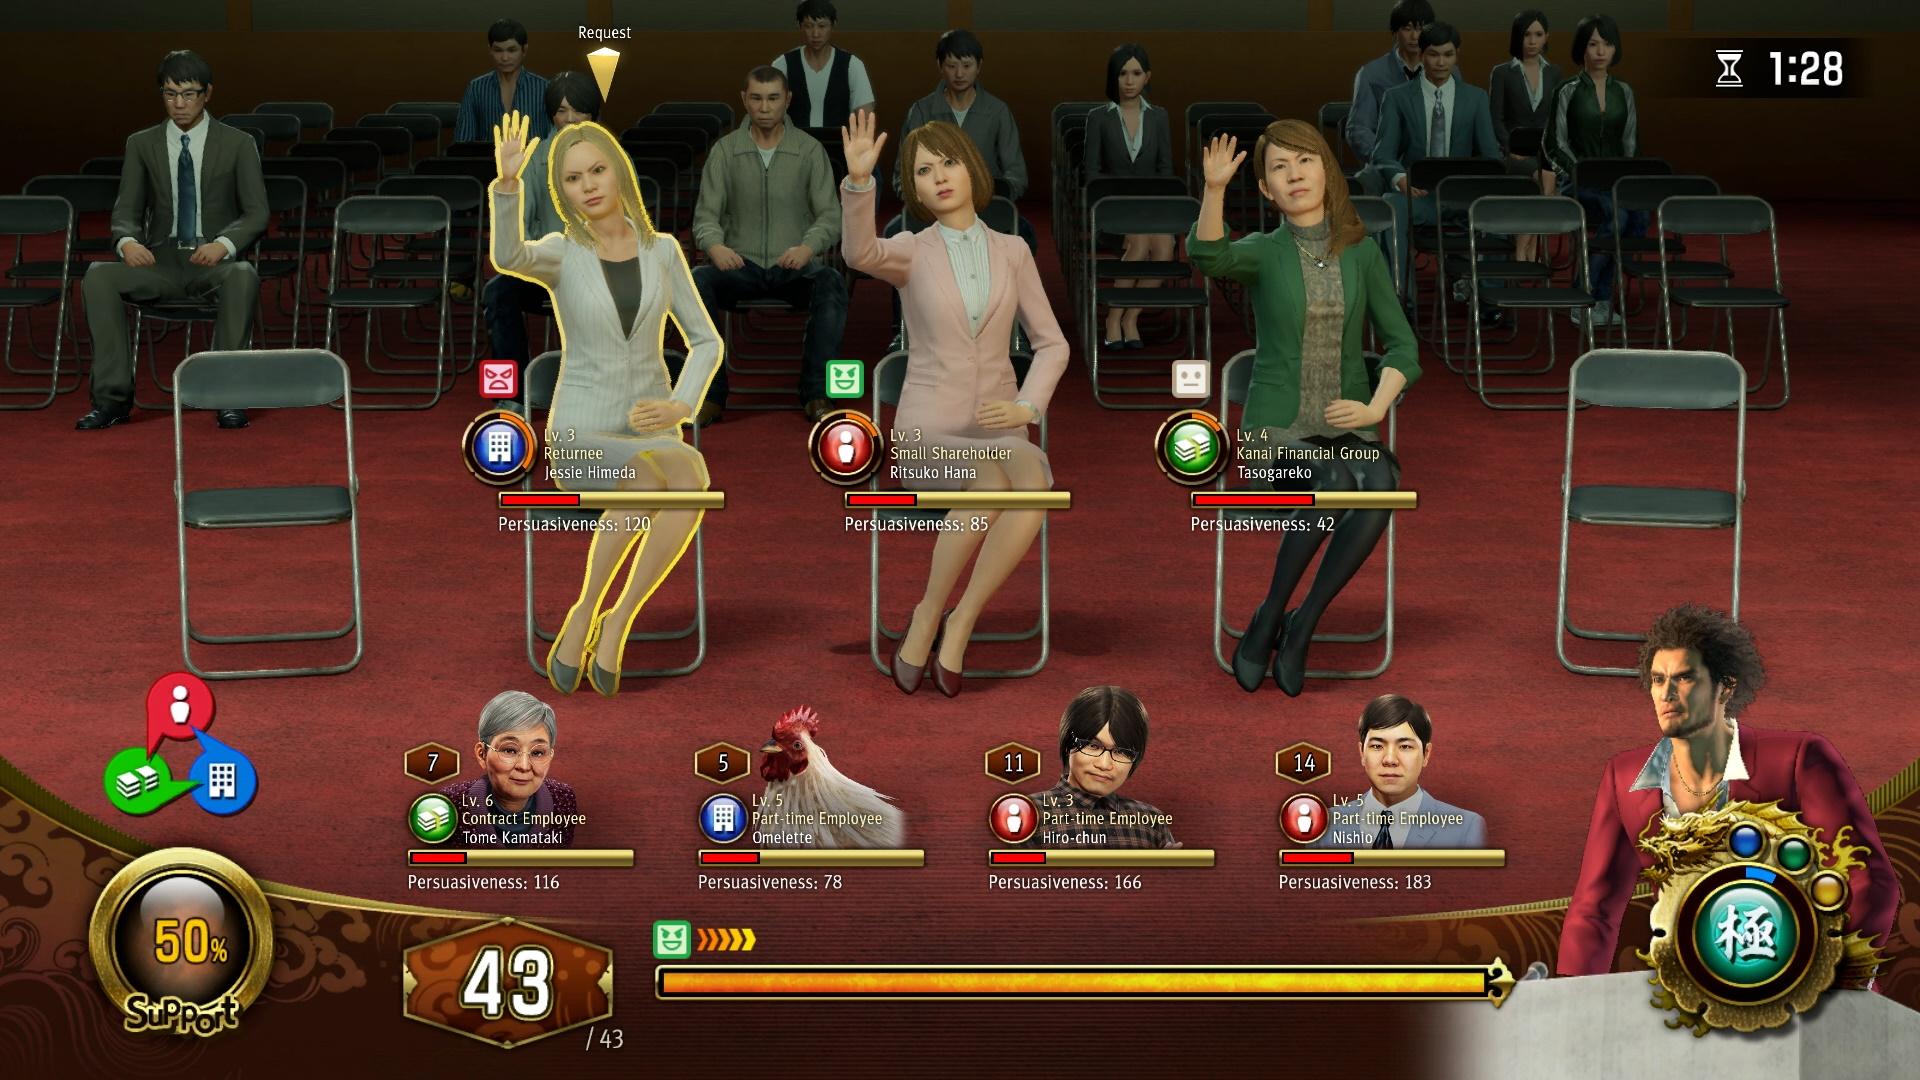 The shareholder meeting battle screen.